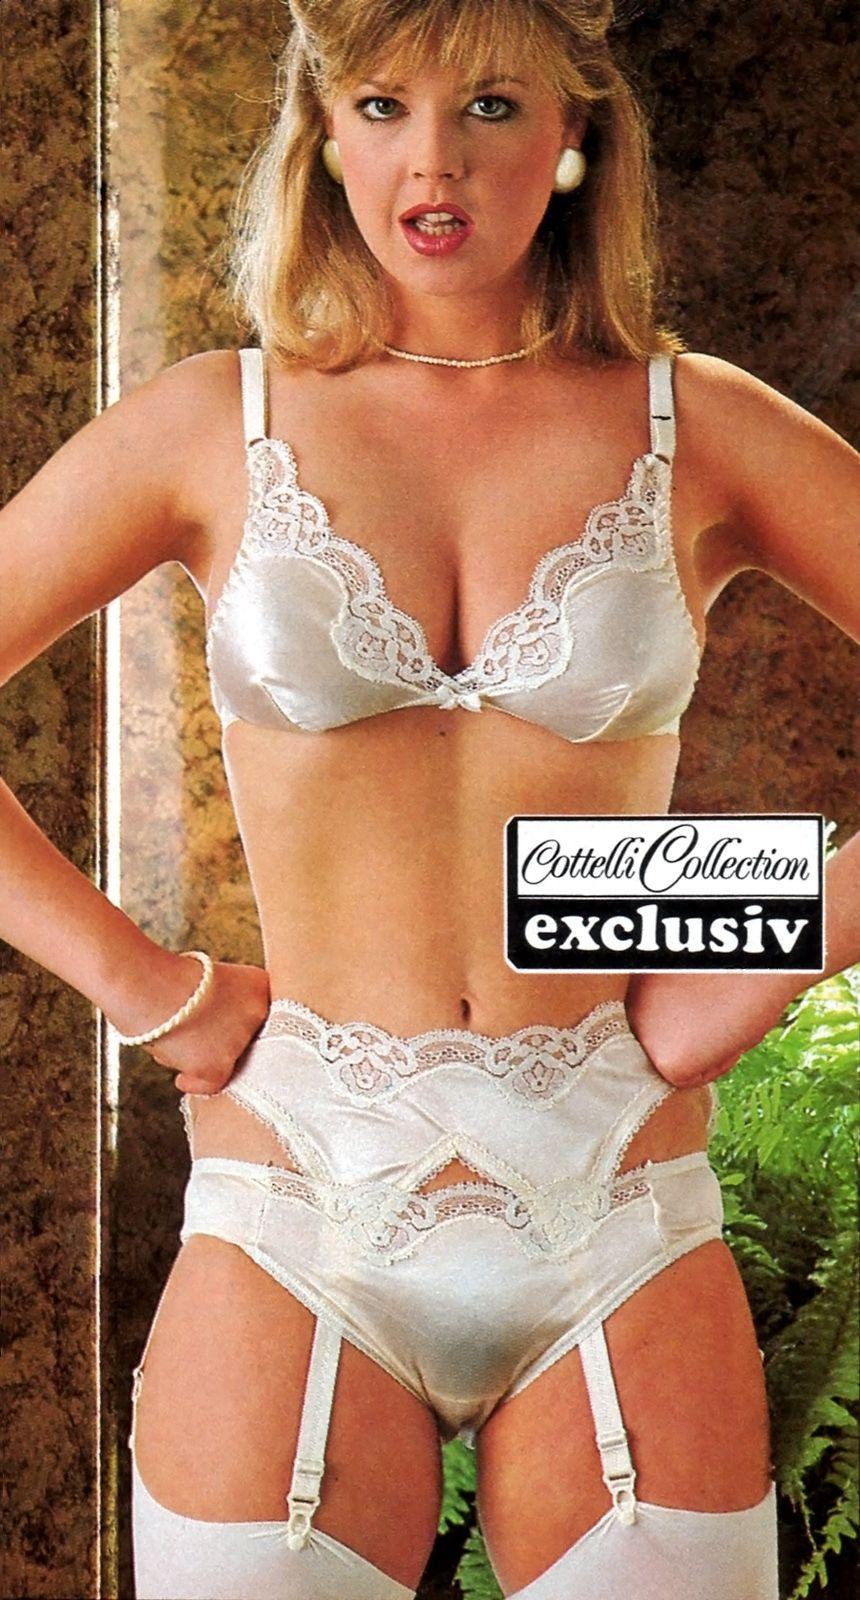 bd52792c4 Lingerie Photos, Sexy Lingerie, Classic Lingerie, Bridal Lingerie, Pretty  Lingerie, White